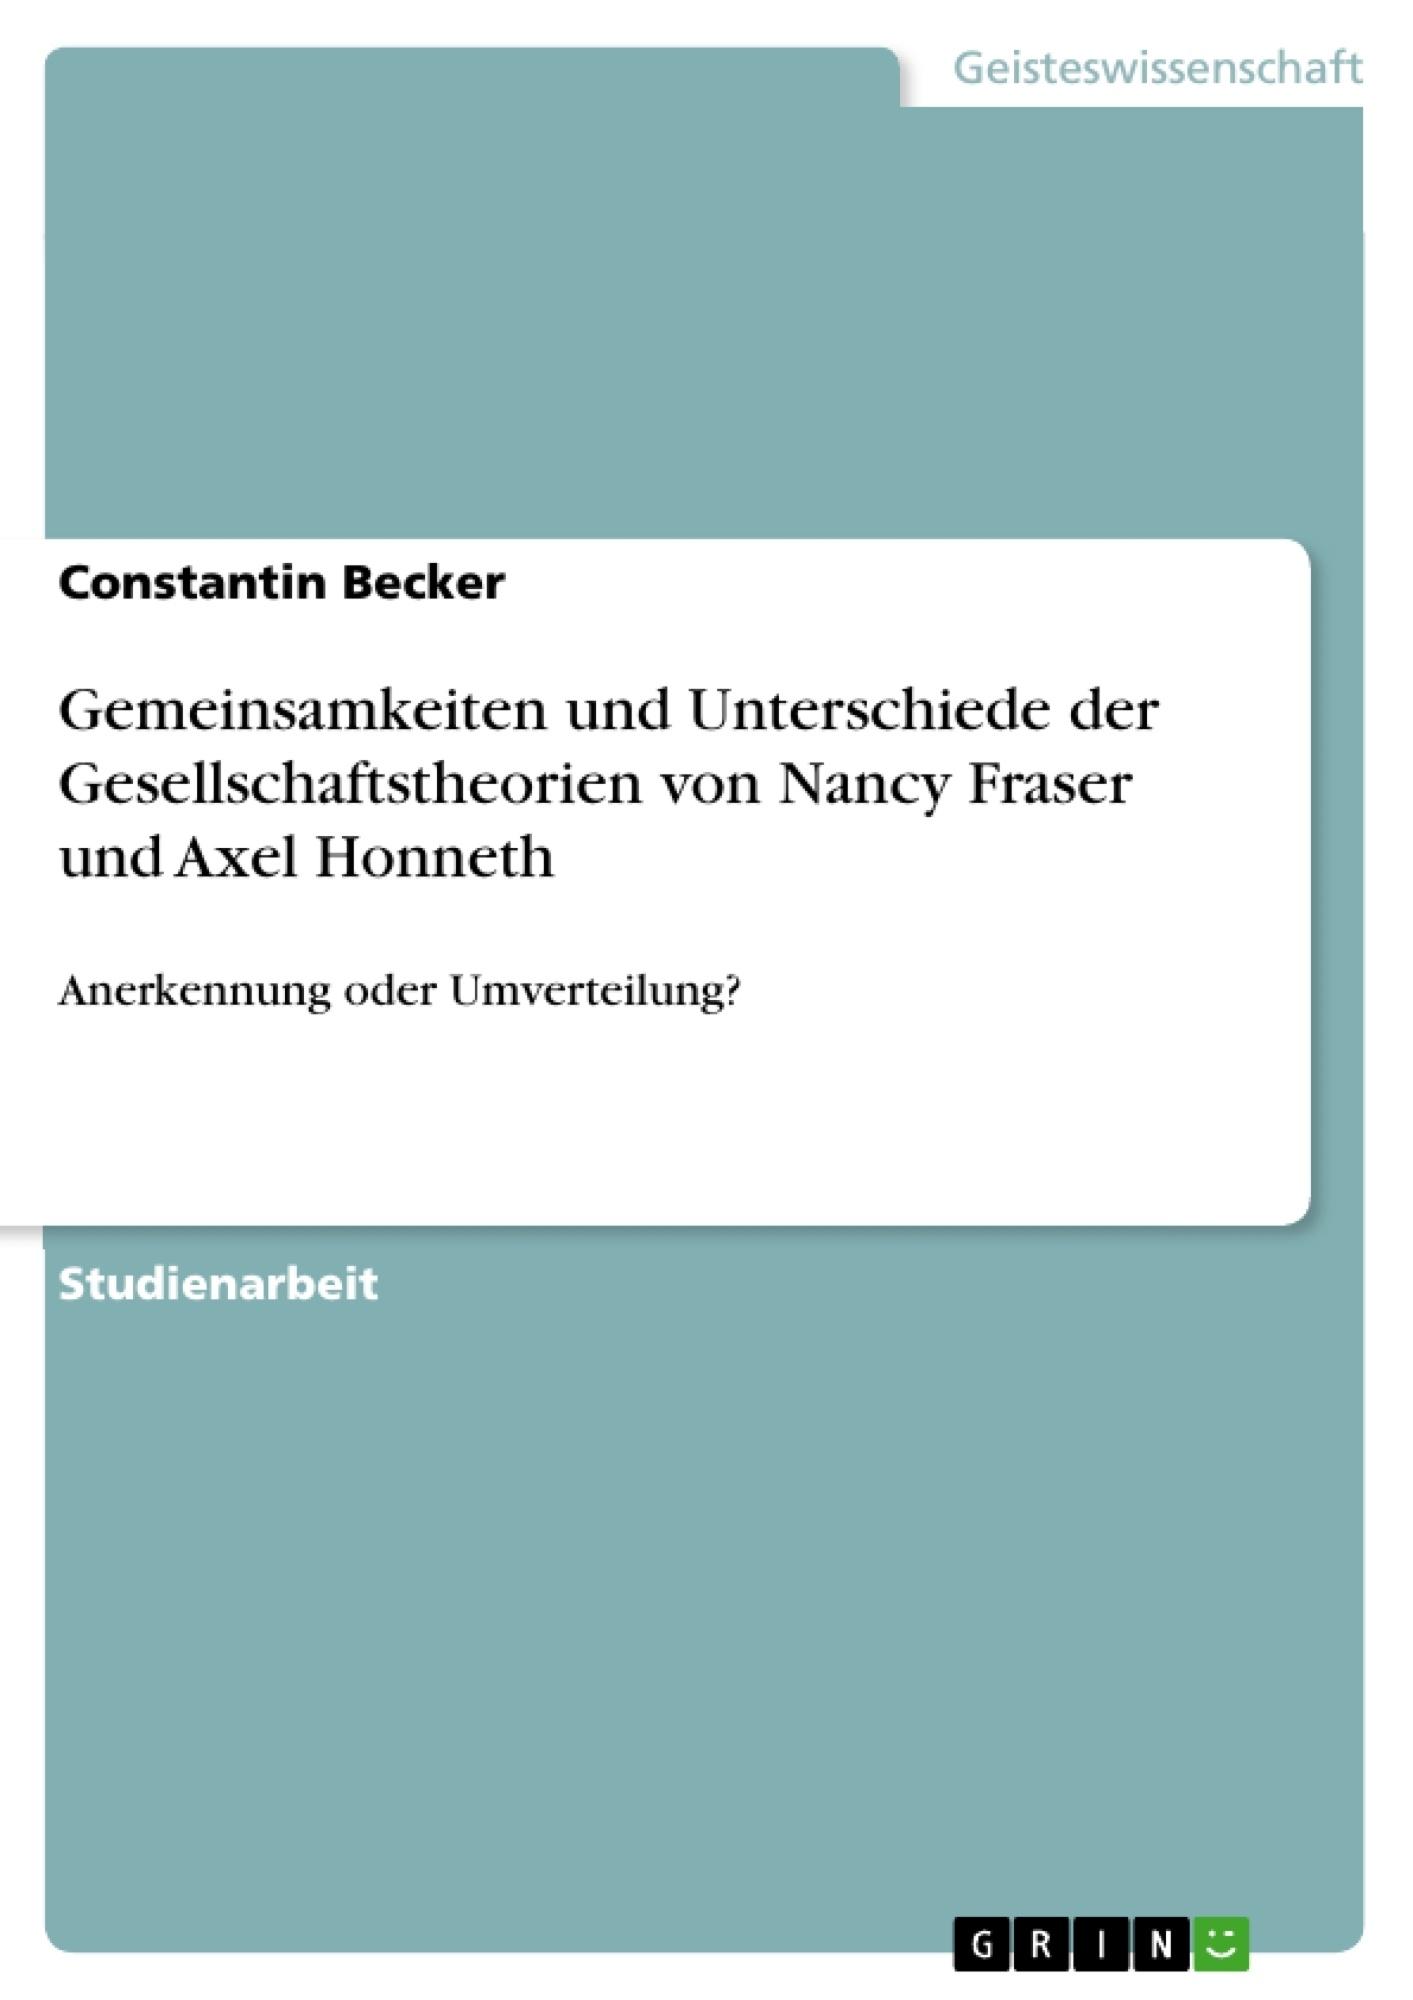 Titel: Gemeinsamkeiten und Unterschiede der Gesellschaftstheorien von Nancy Fraser und Axel Honneth